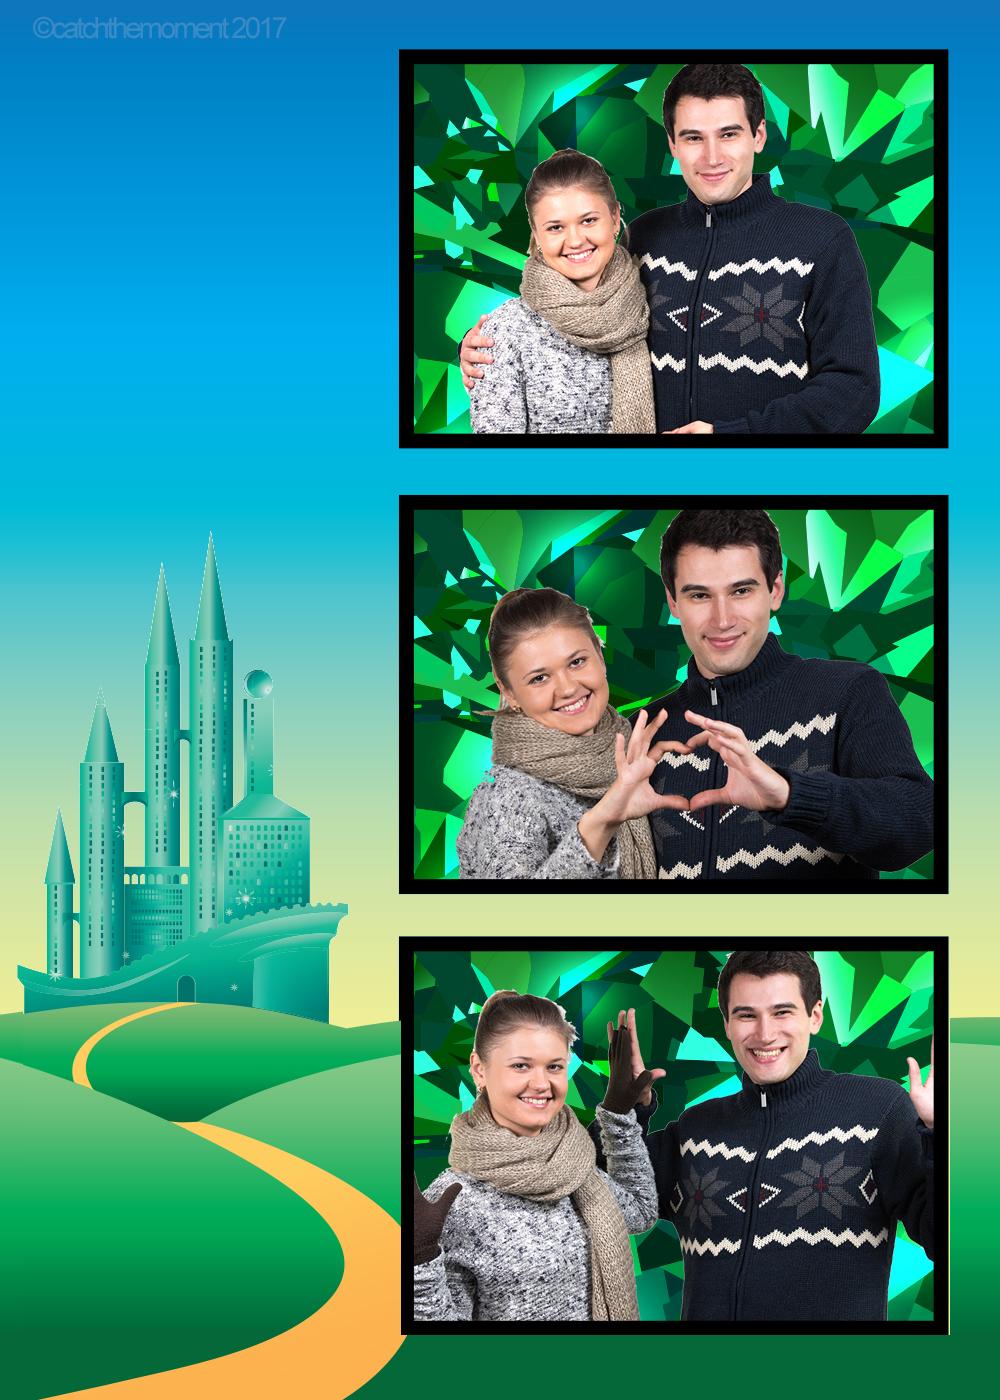 Wizard of Oz Photo Strip